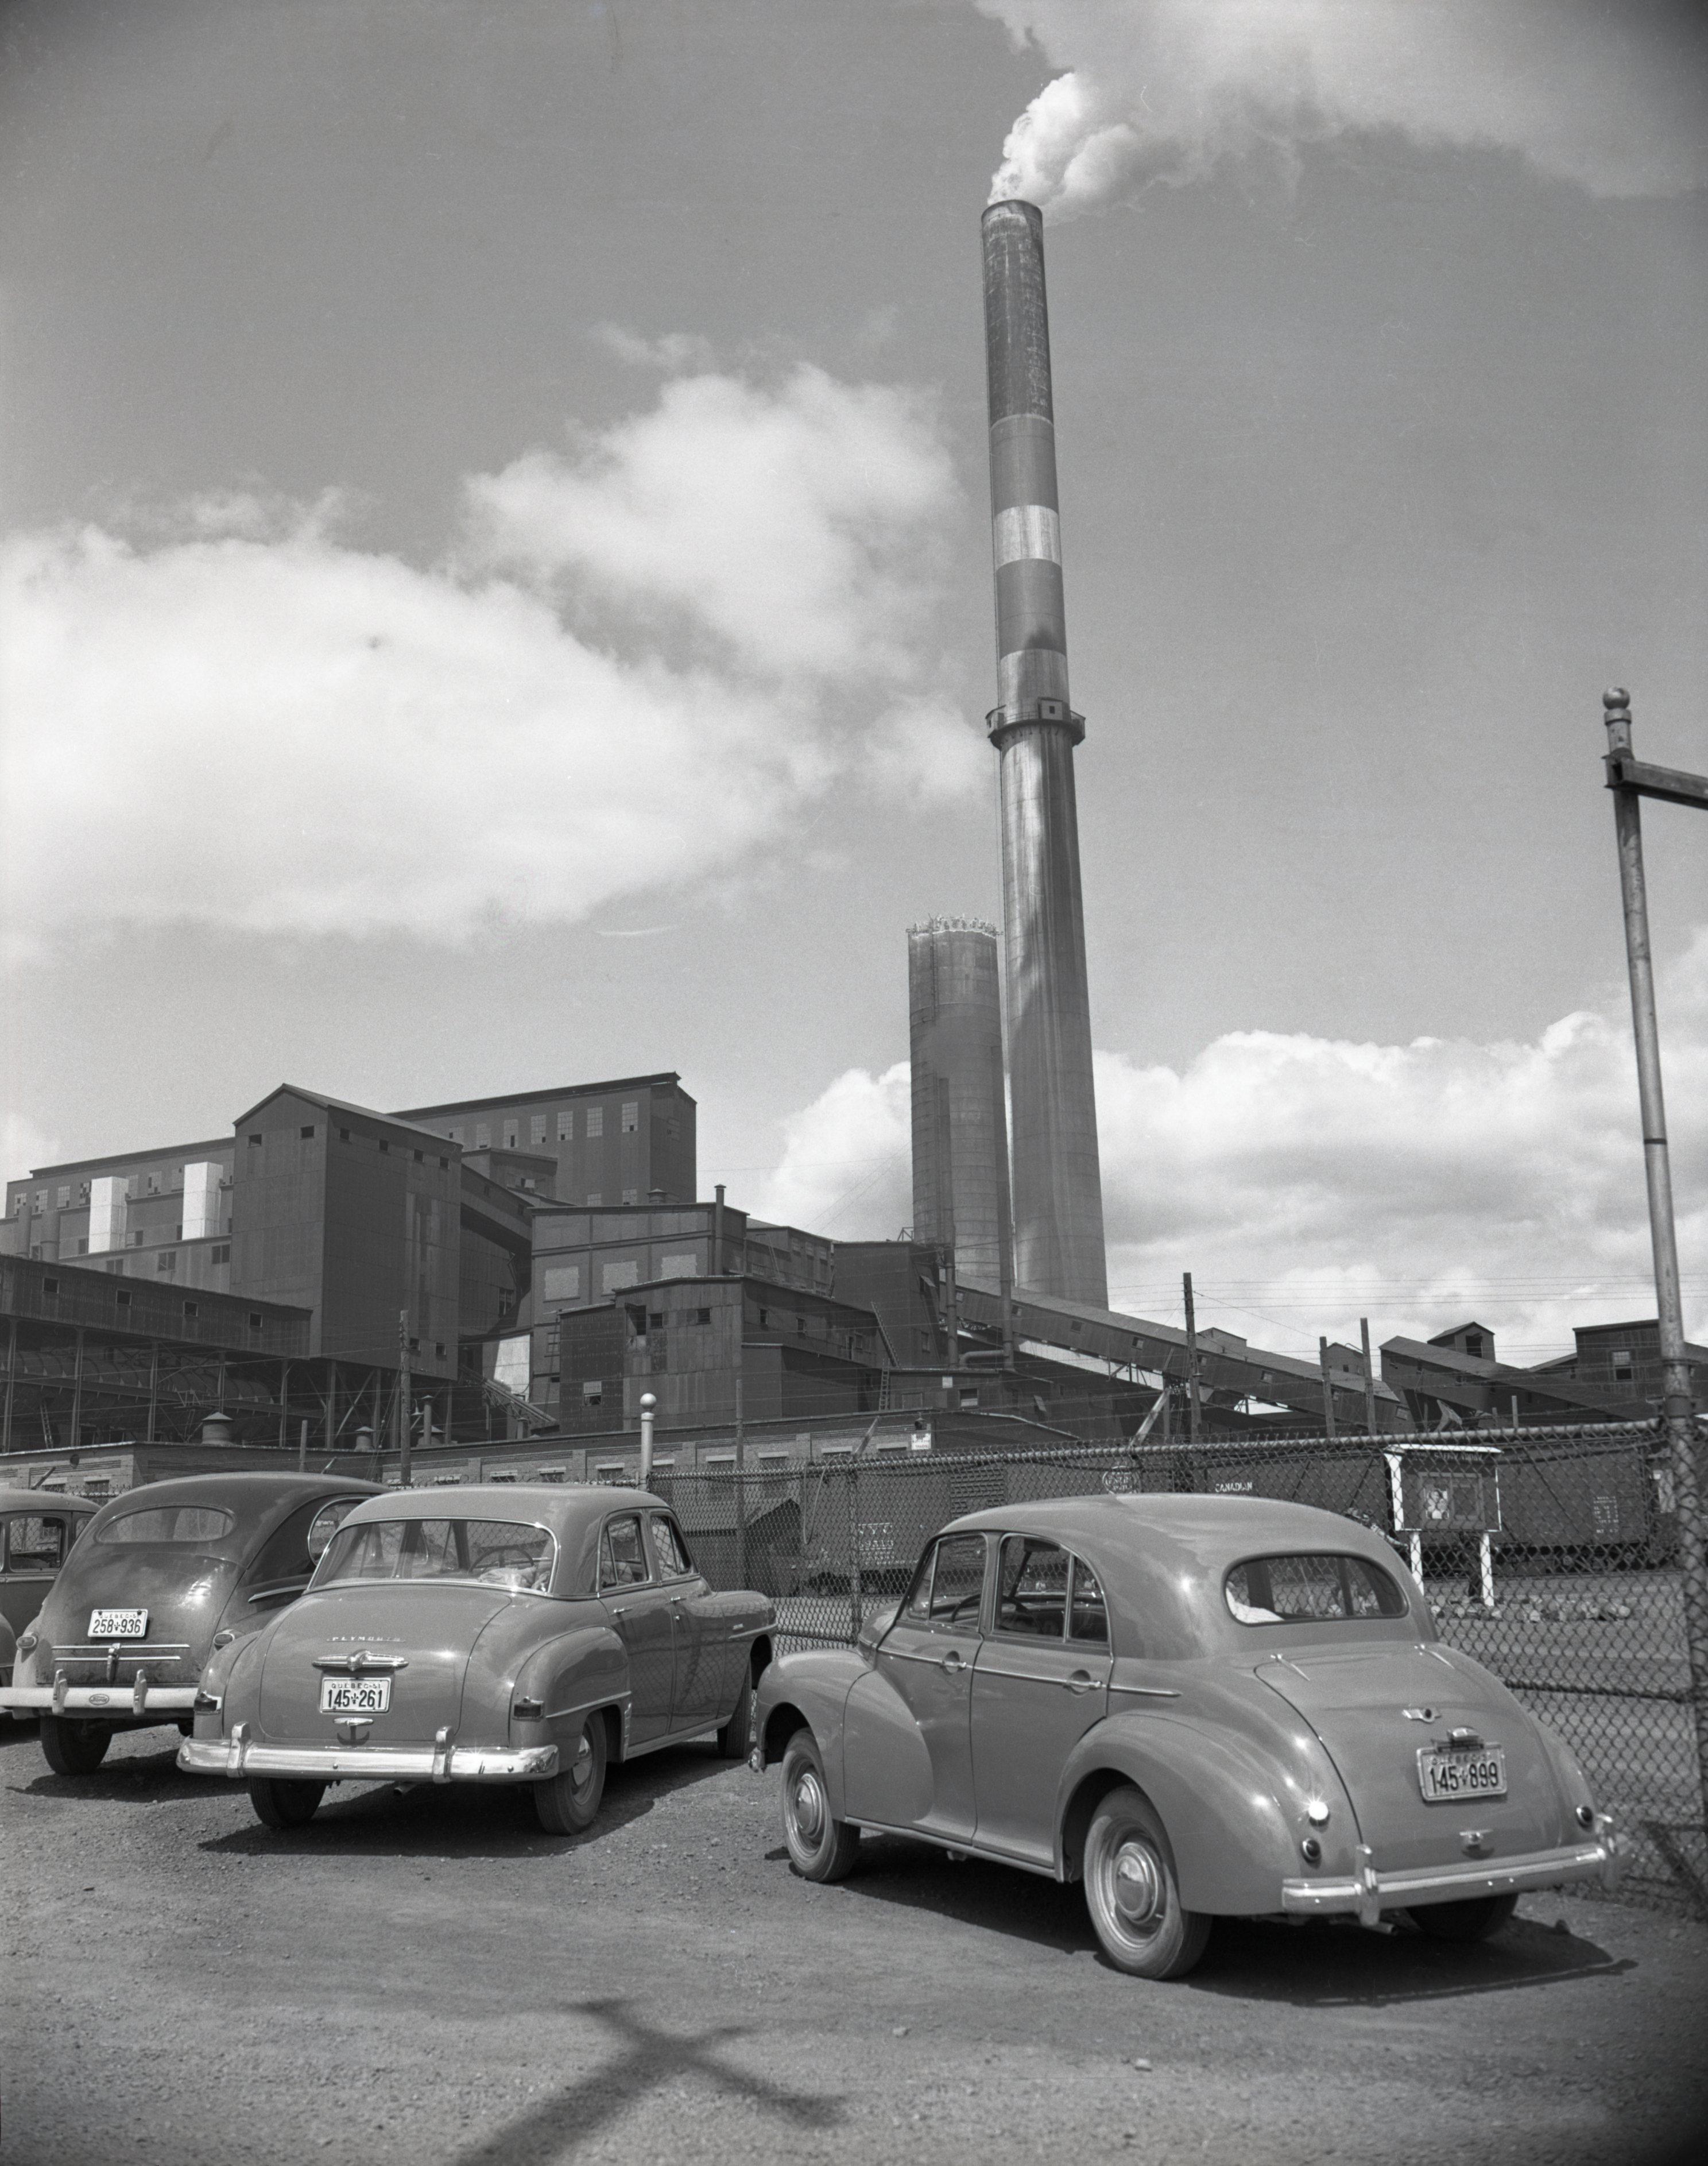 Photographie en noir et blanc  de trois vieilles voitures stationnées devant la clôture de la mine Horne. En arrière-plan, la fonderie ainsi qu'une cheminée qui émet de la fumée.